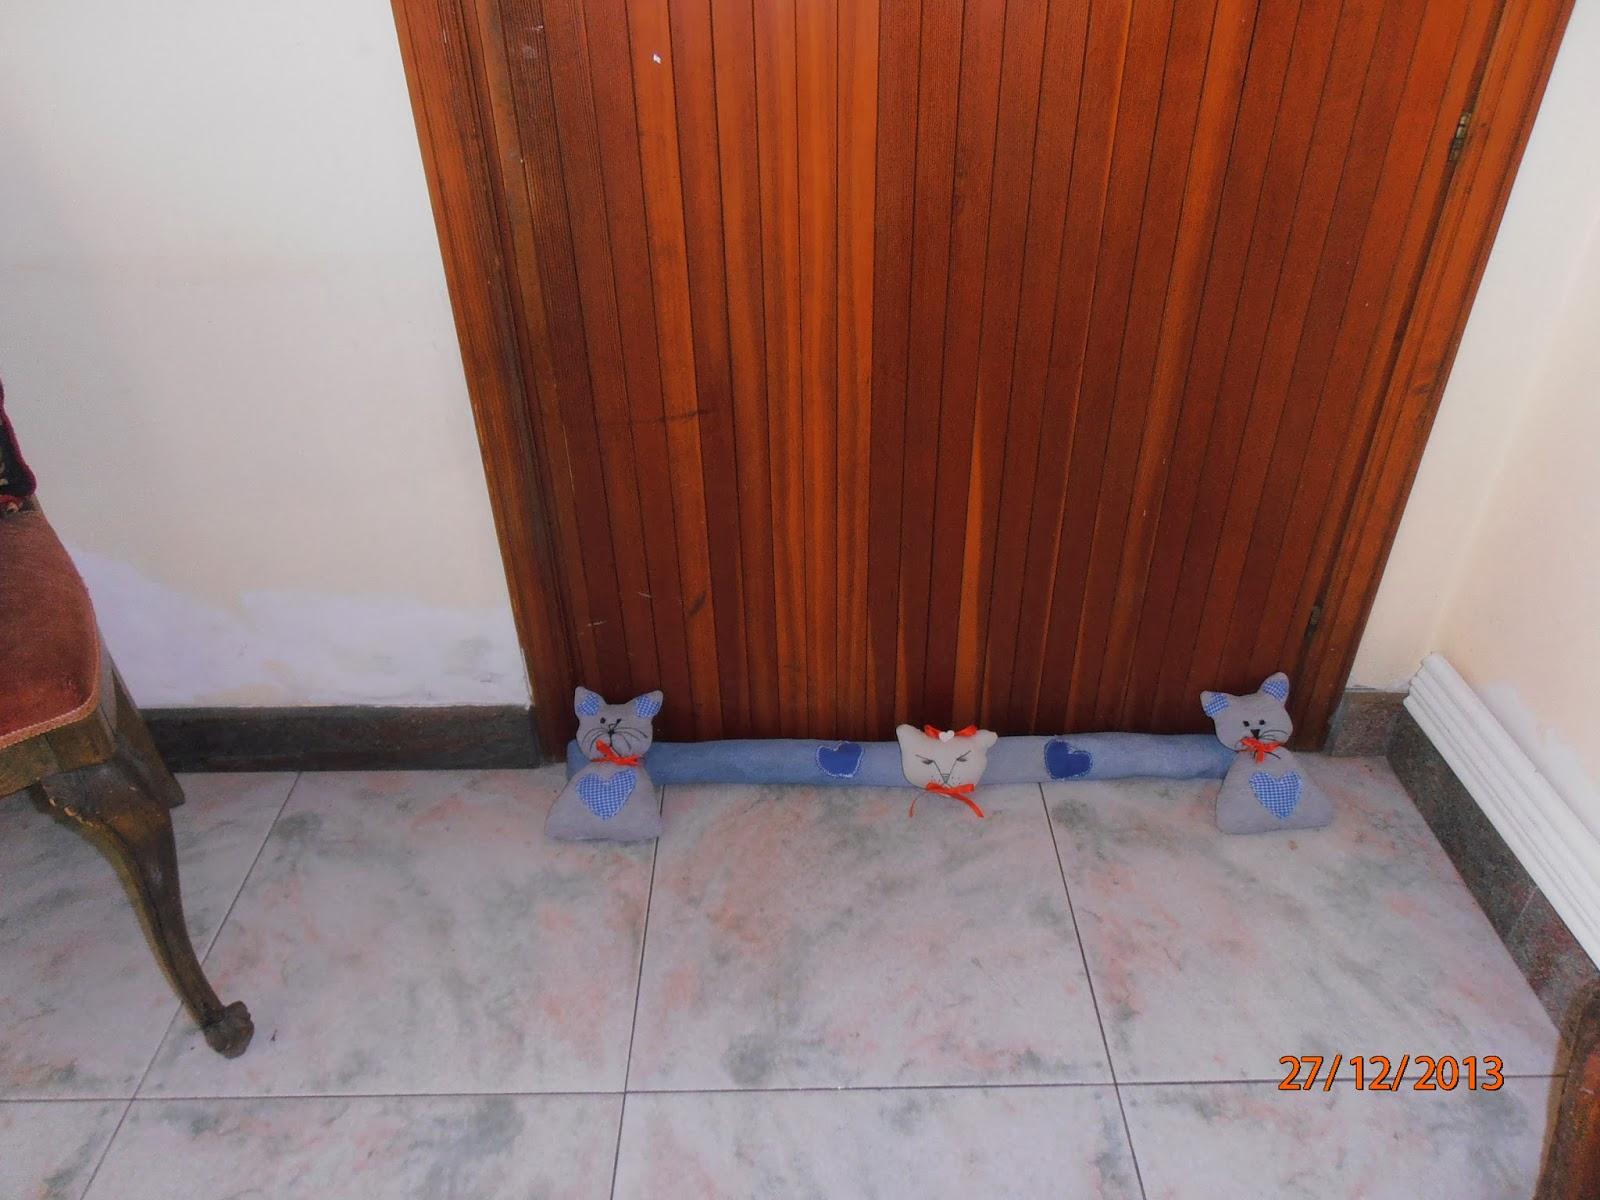 Idee Creative Cucito : Il giardino delle idee creative paraspifferi con gattini cucito